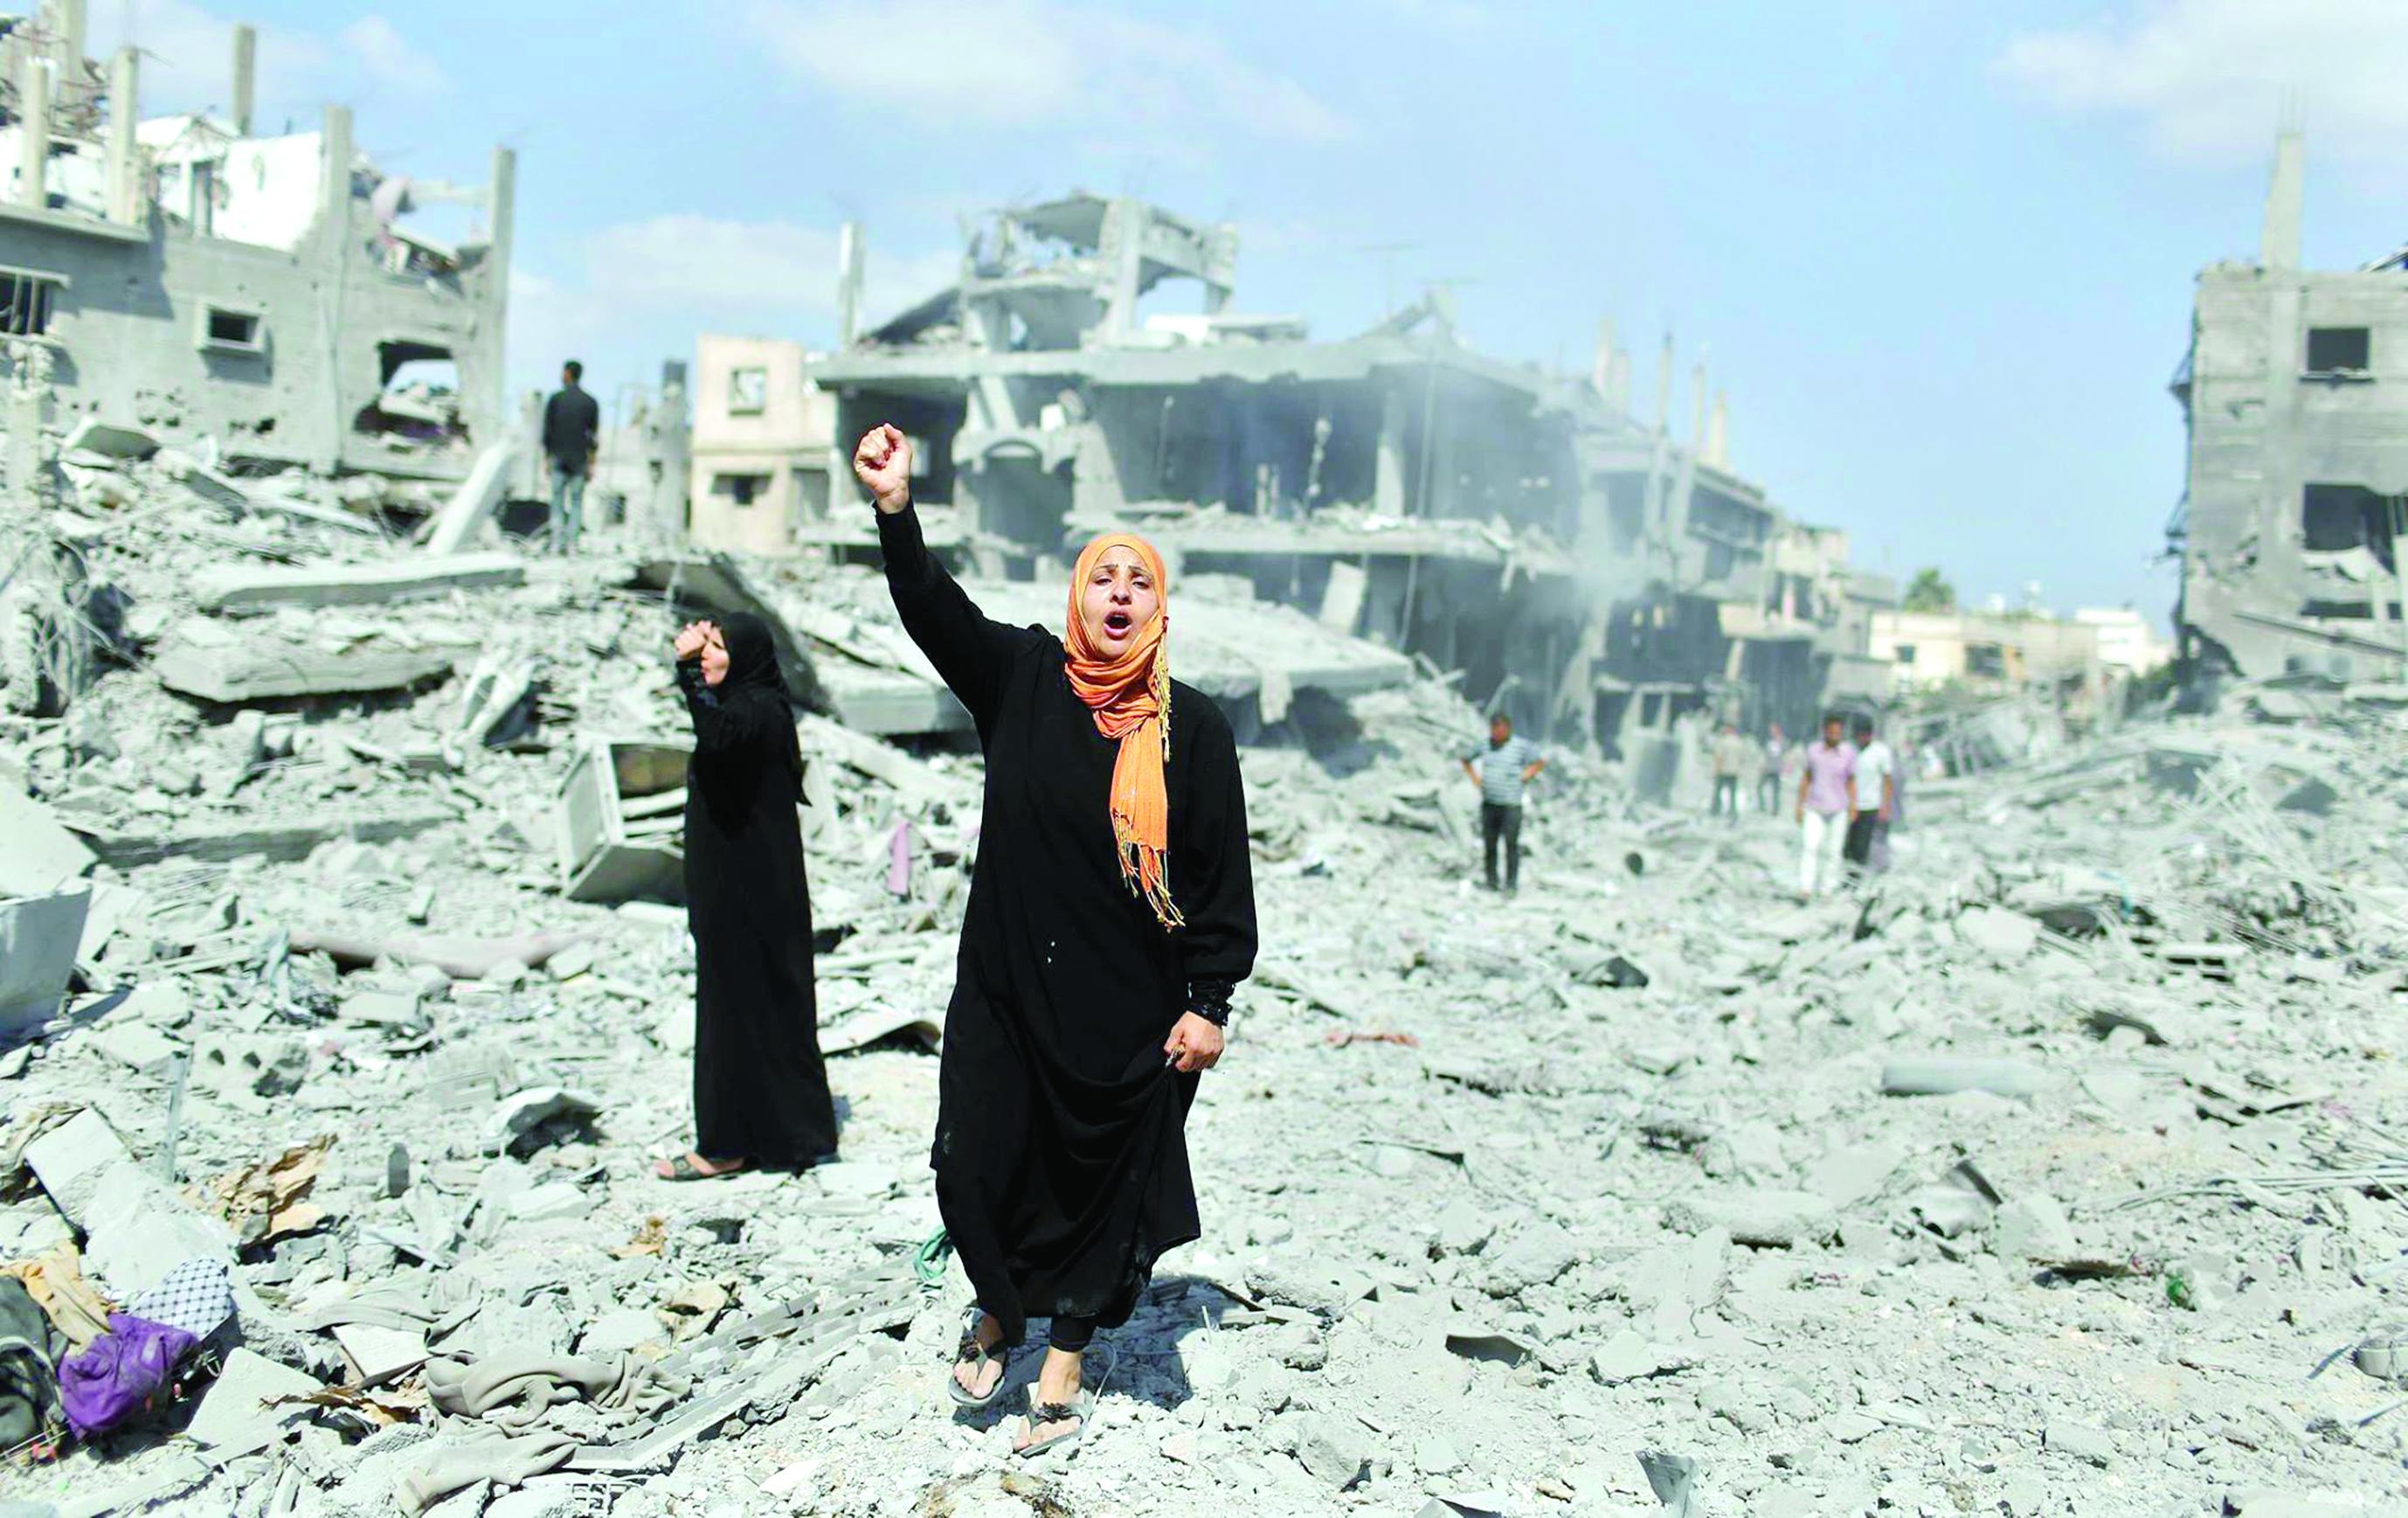 الحذر يسيطر على حوار «سوتشي»انطلاق المؤتمر رغم الغياب عن «مستقبل سوريا»